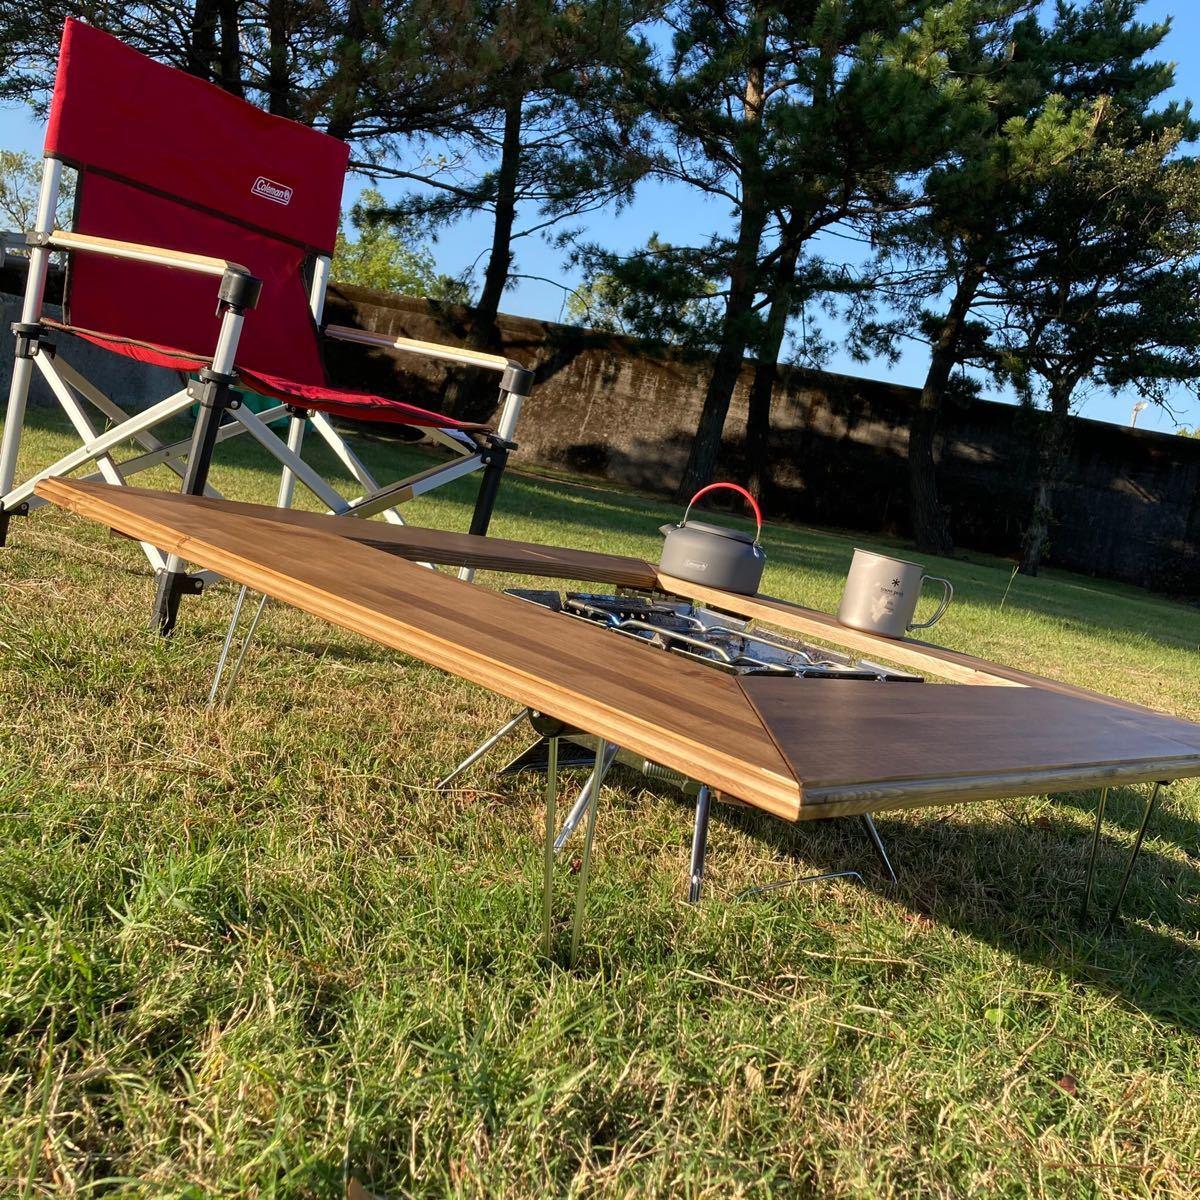 アウトドア用 キャンプテーブル 囲炉裏テーブル 焚き火台テーブル 防炎施工有り